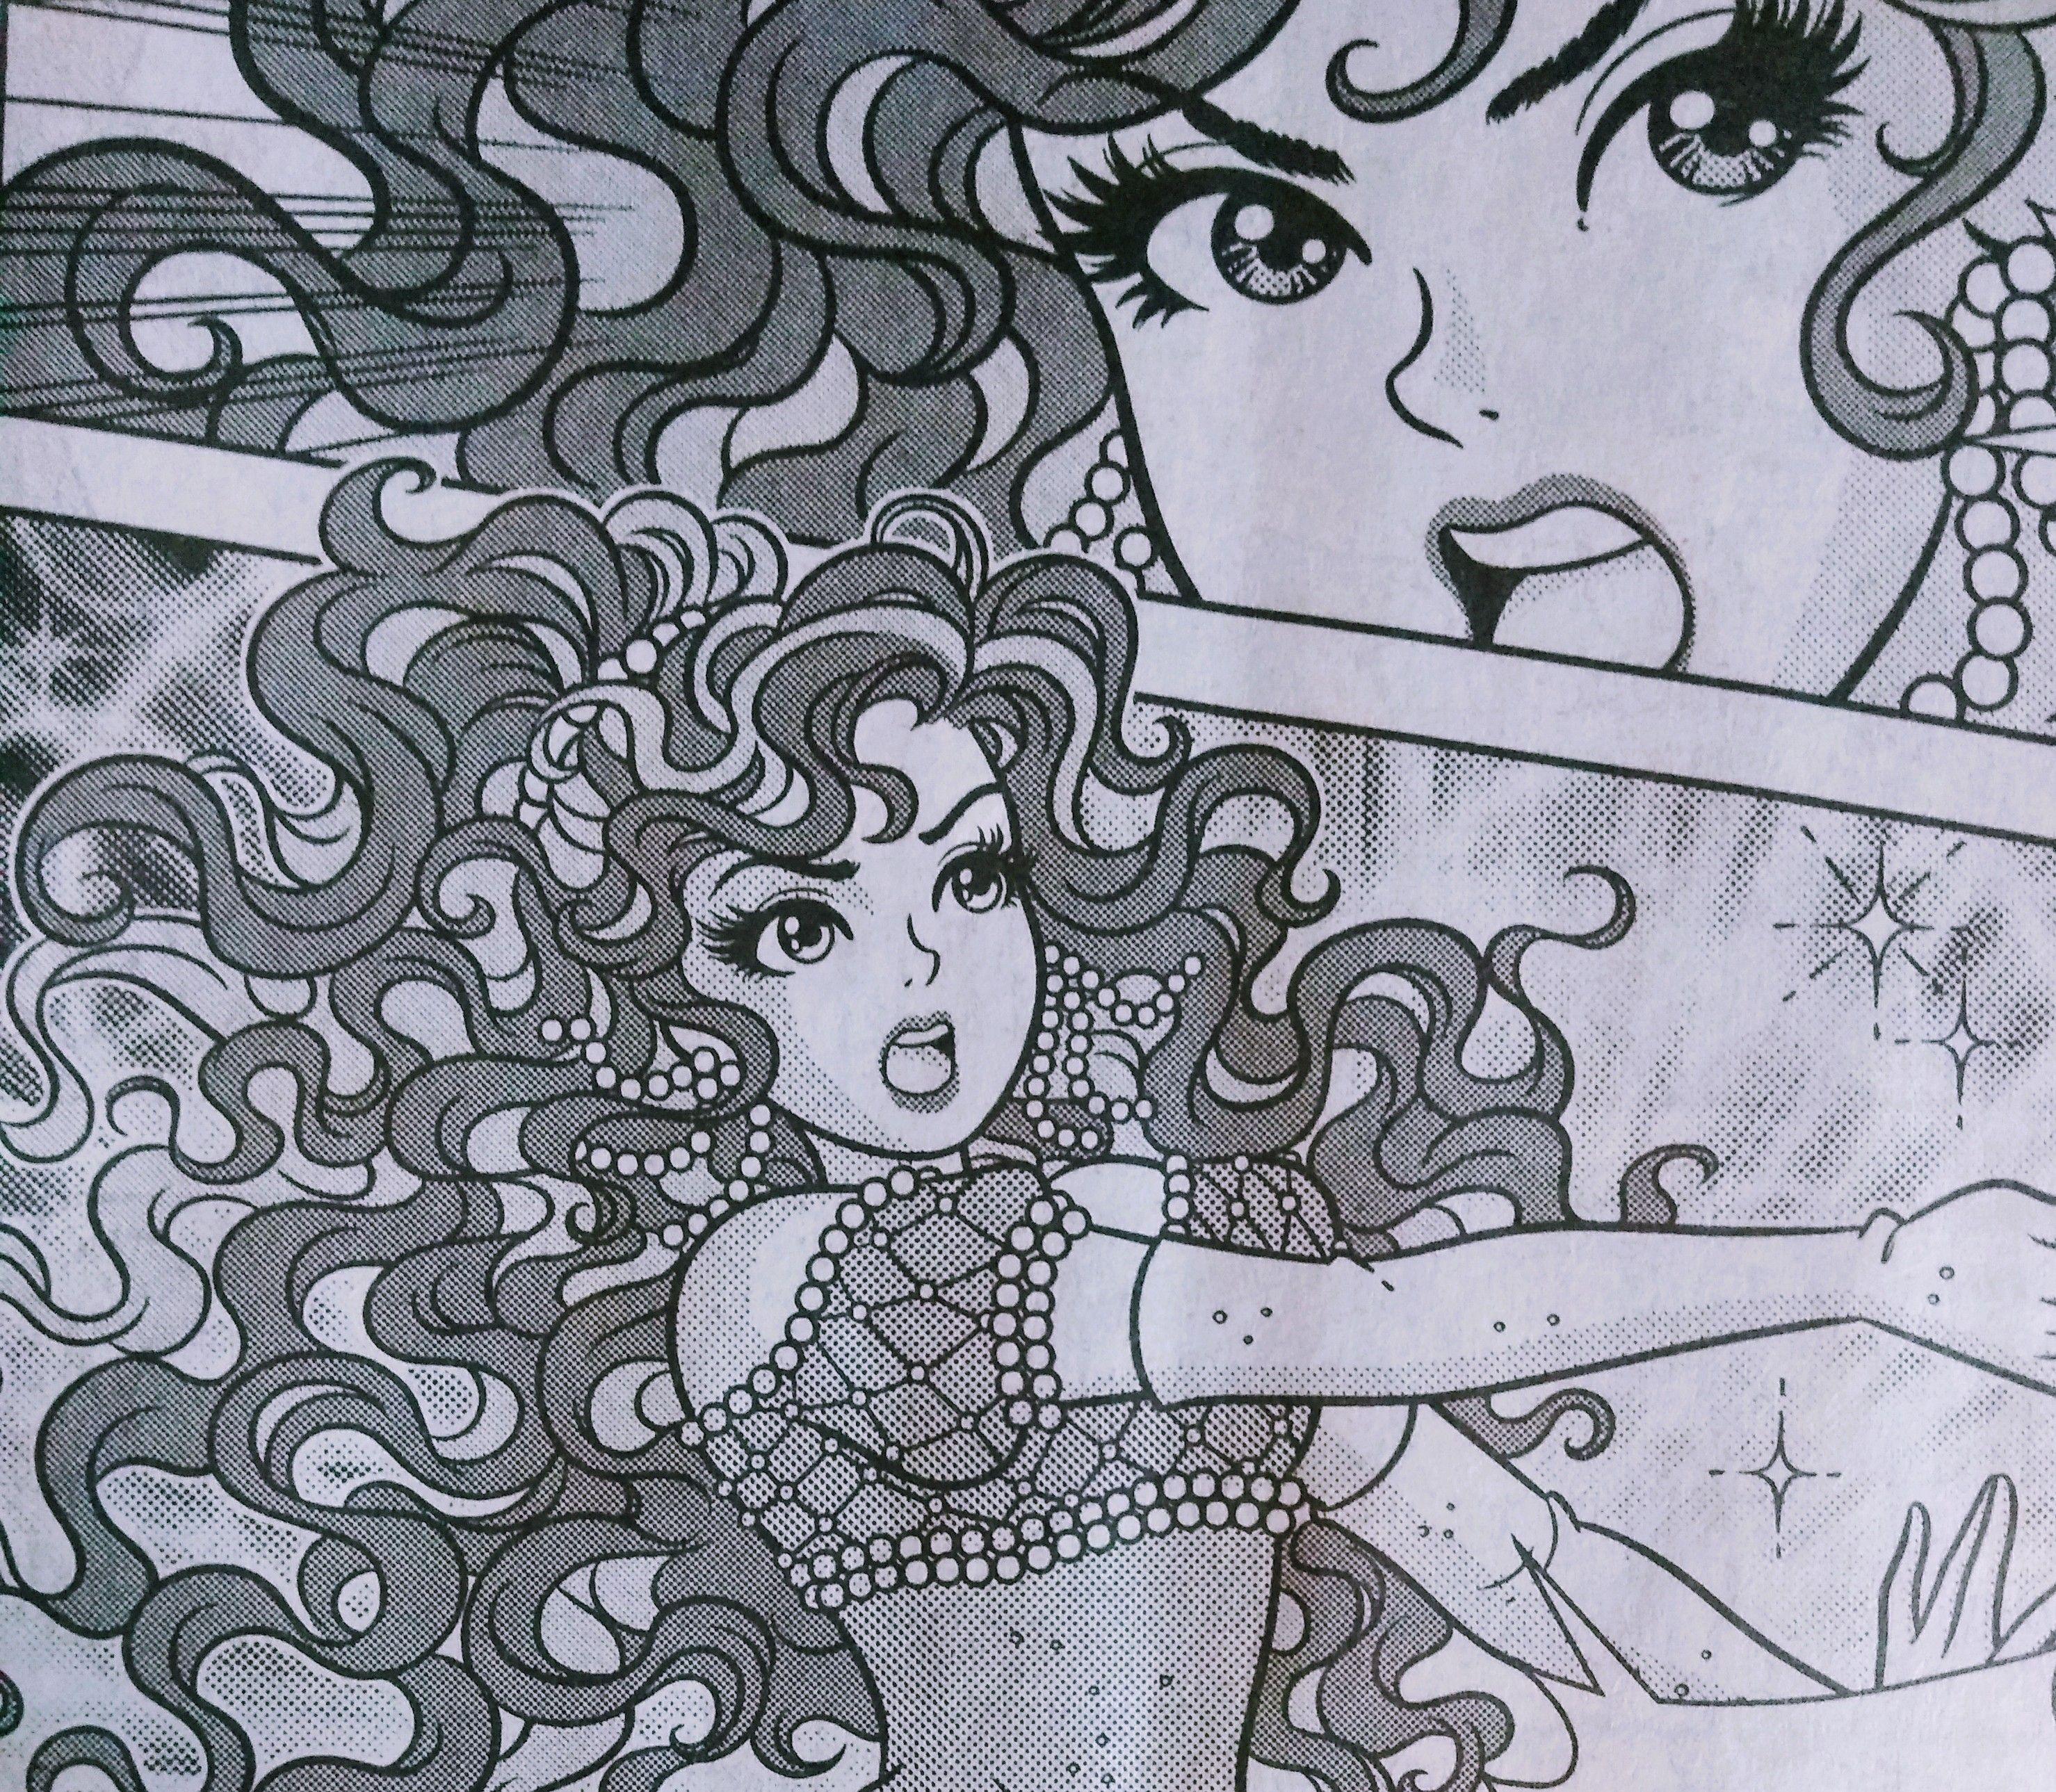 A Marina Tem Um Lapis Magico E Nao Medo De Usar Com Imagens